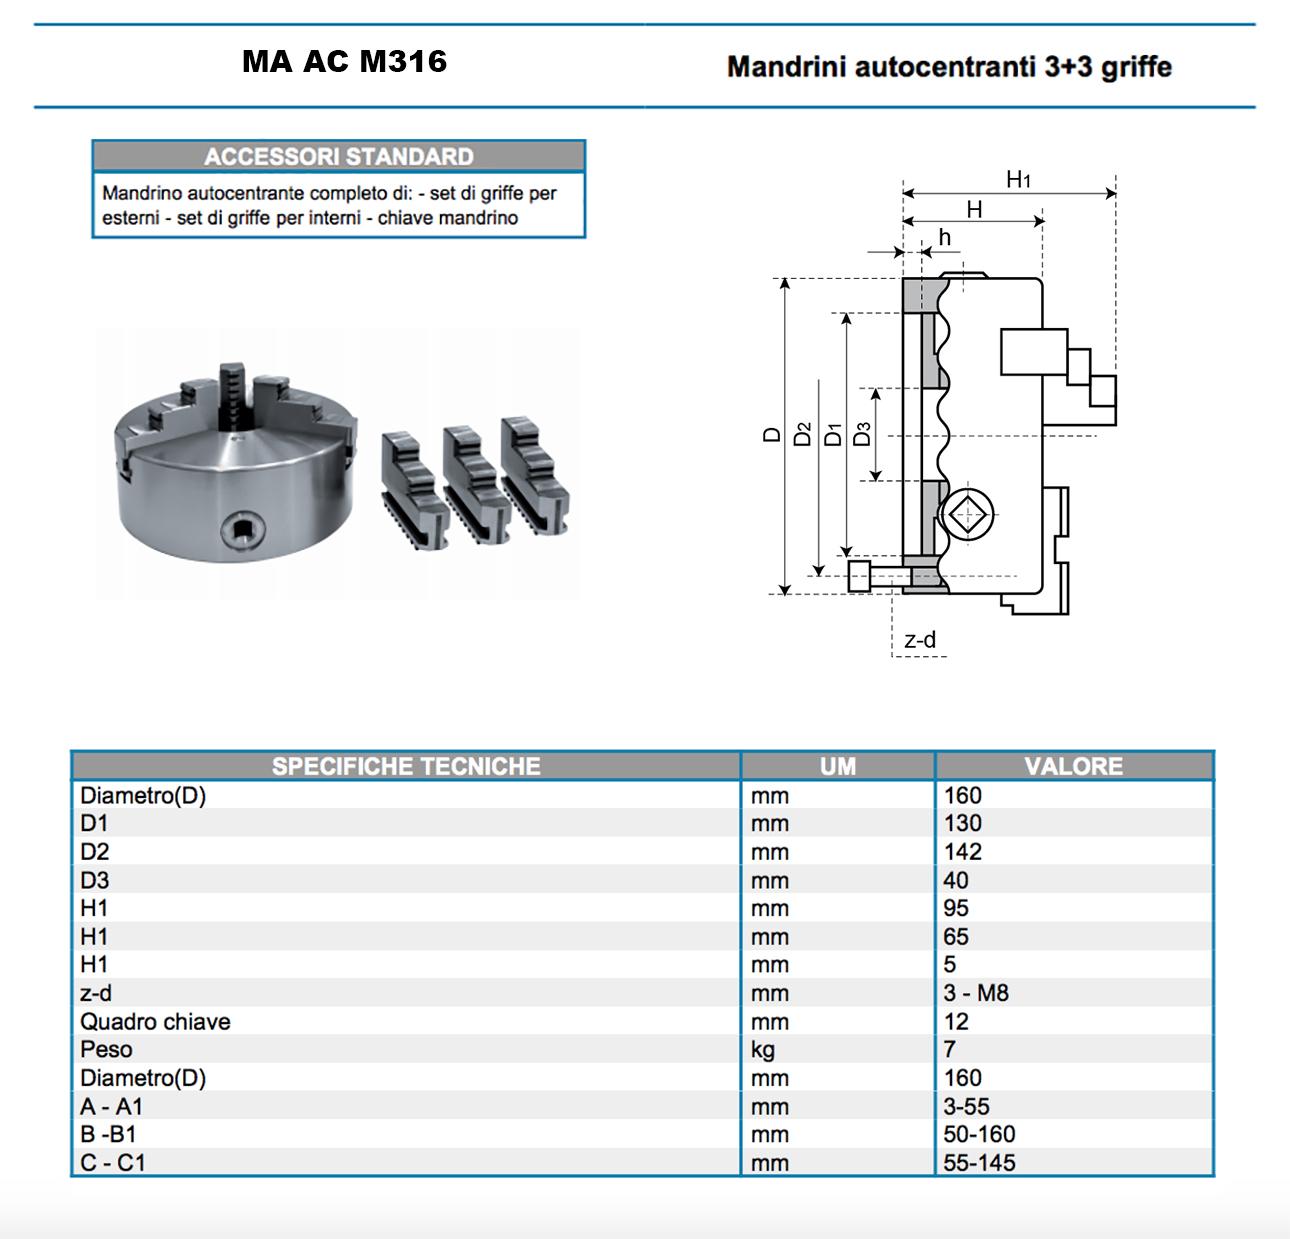 MA AC M316 dati